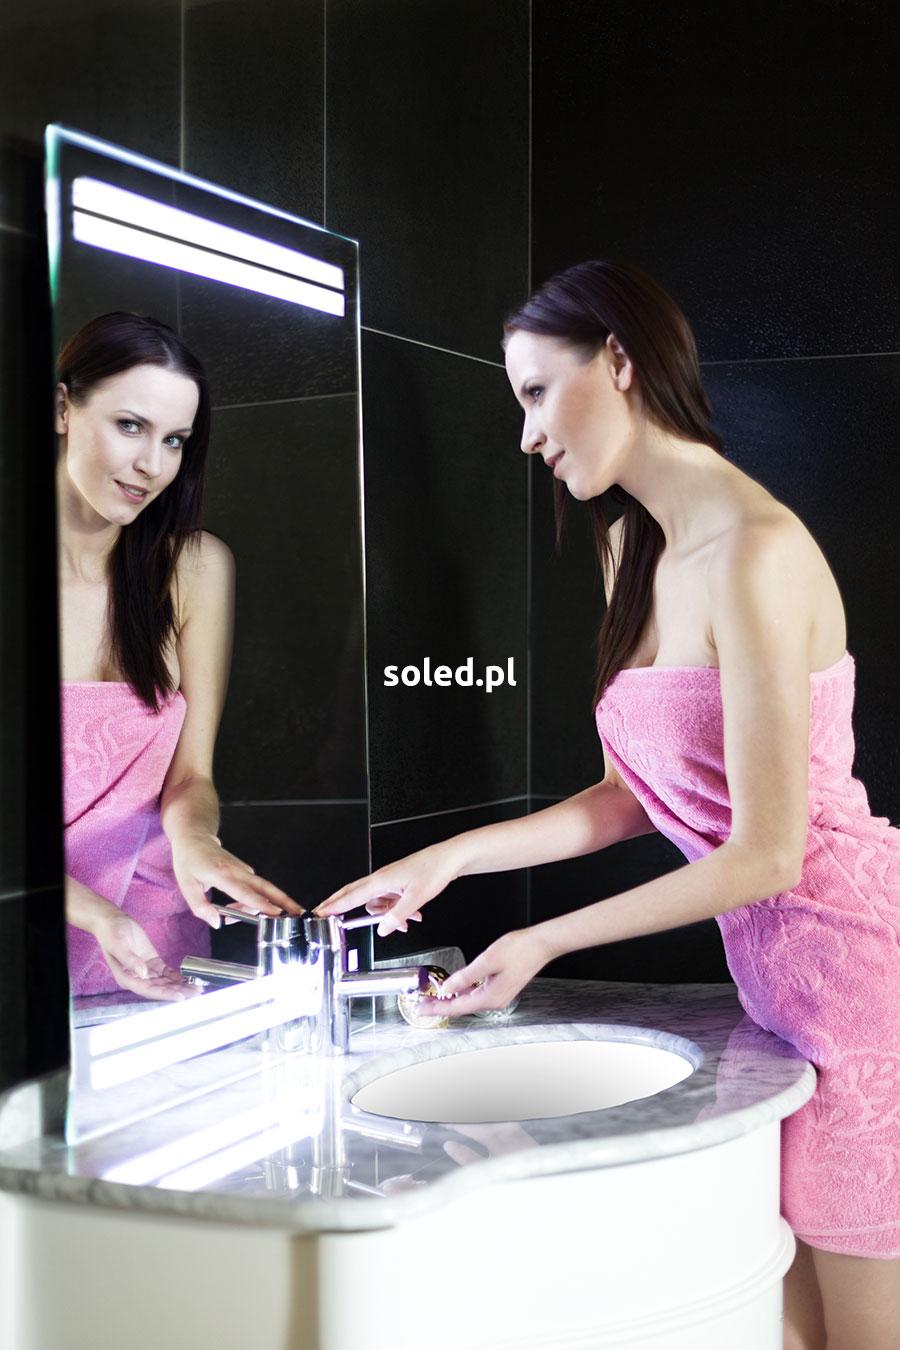 lustro LED, przed którym stoi kobieta w różowym ręczniku i próbuje odkręcić kran